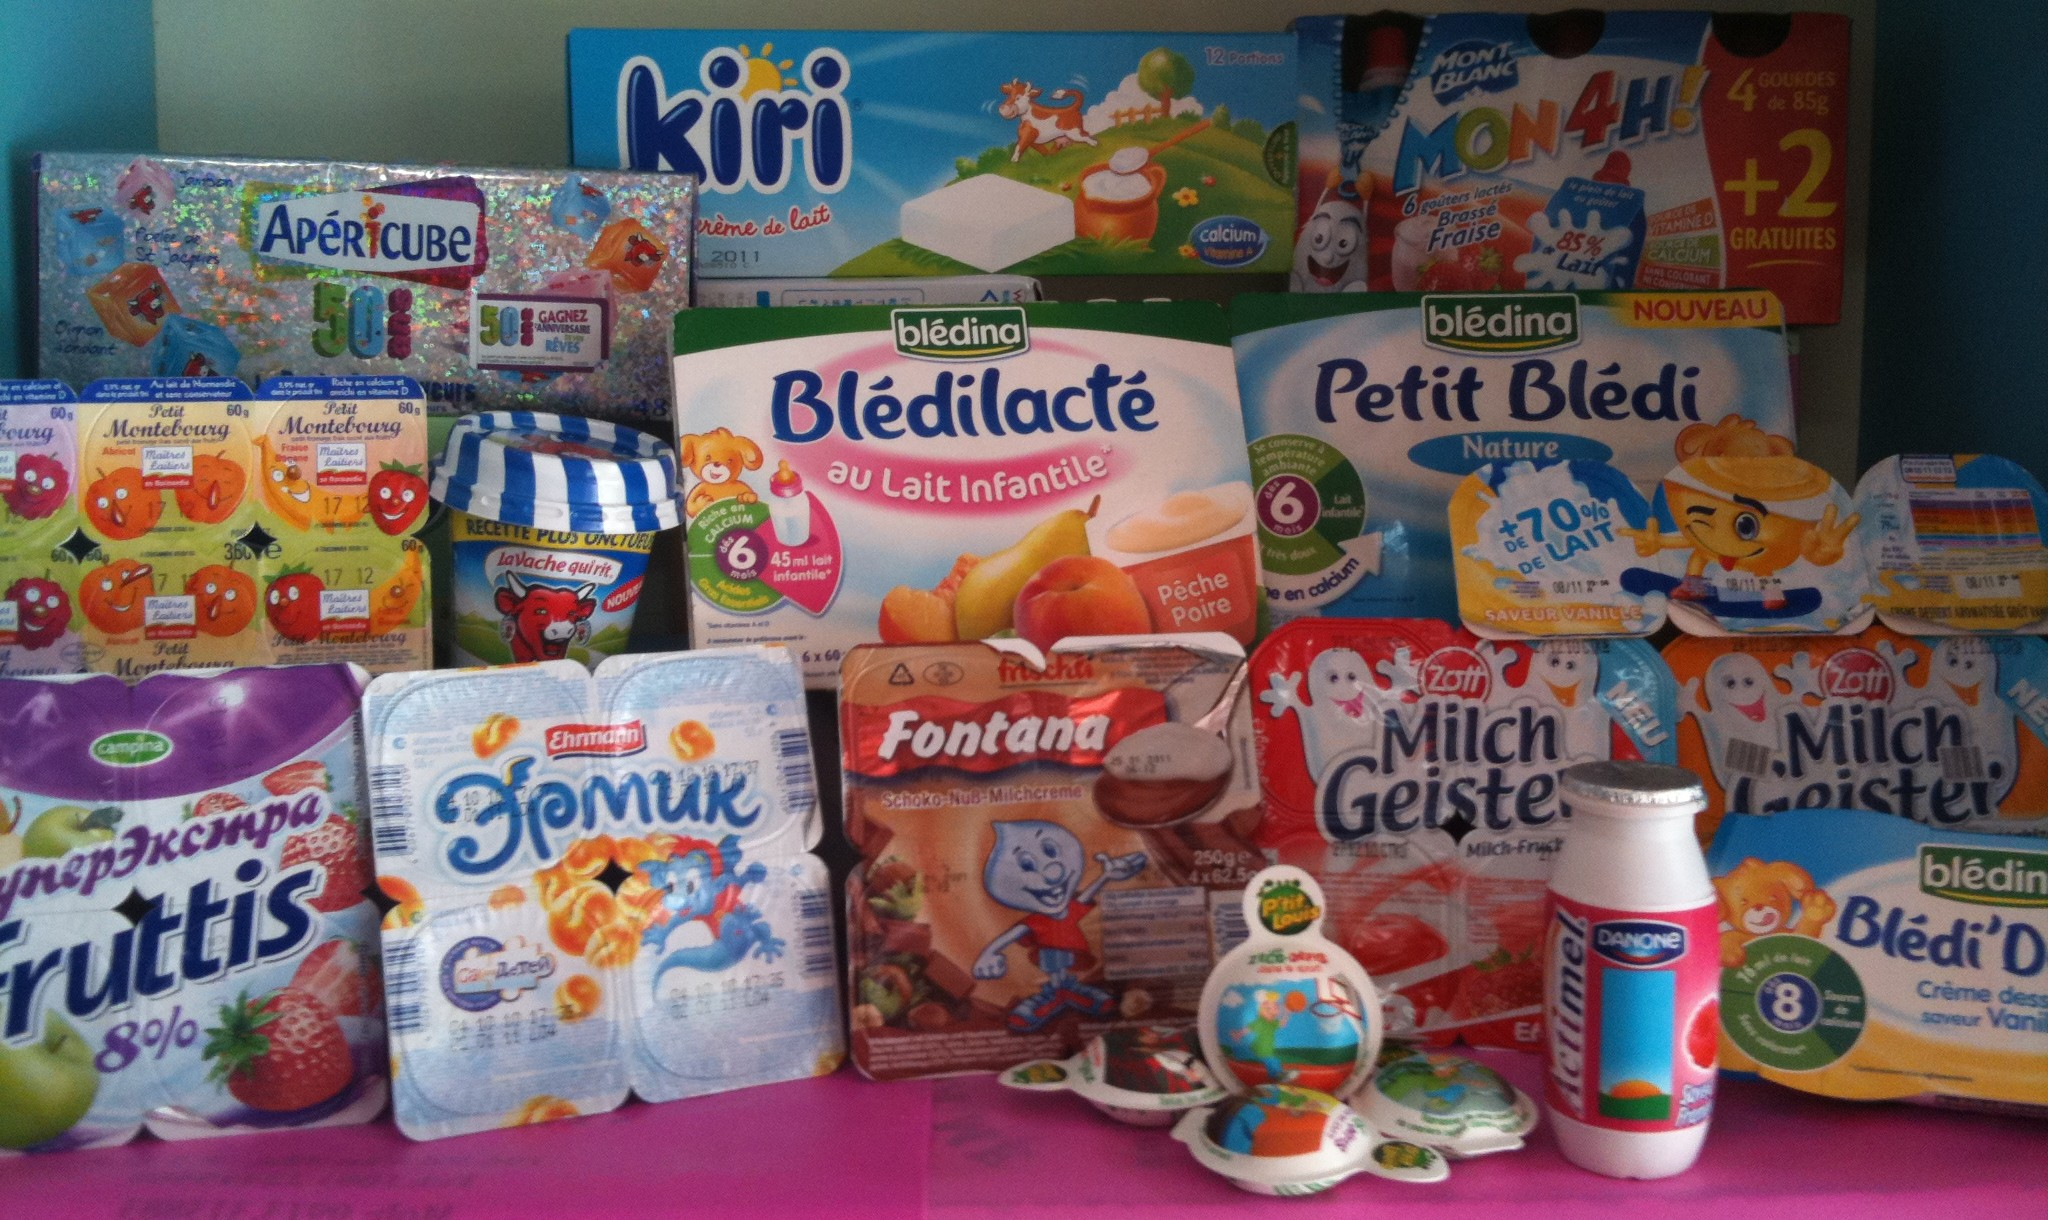 Váng sữa rất đa dạng về thương hiệu, chủng loại